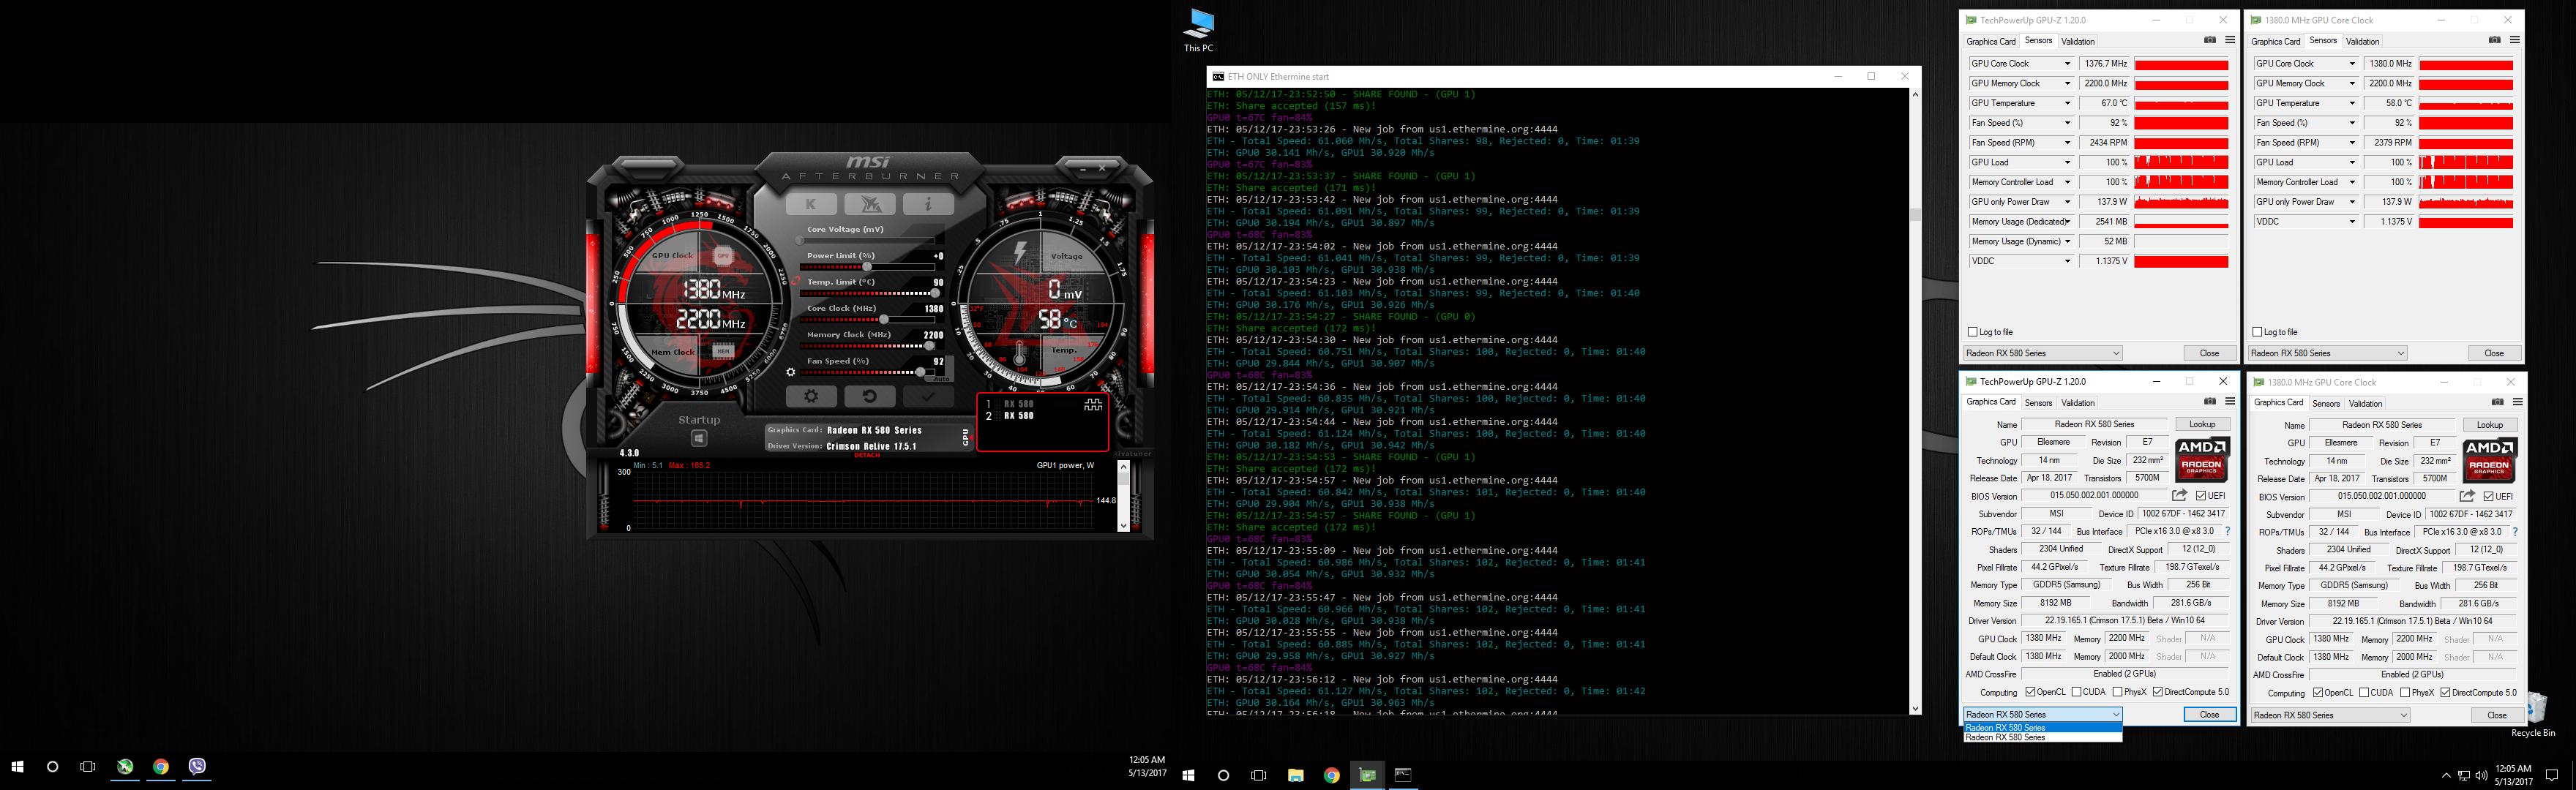 Radeon rx 580 drivers msi | MSI Radeon RX 580 DirectX 12 RX 580